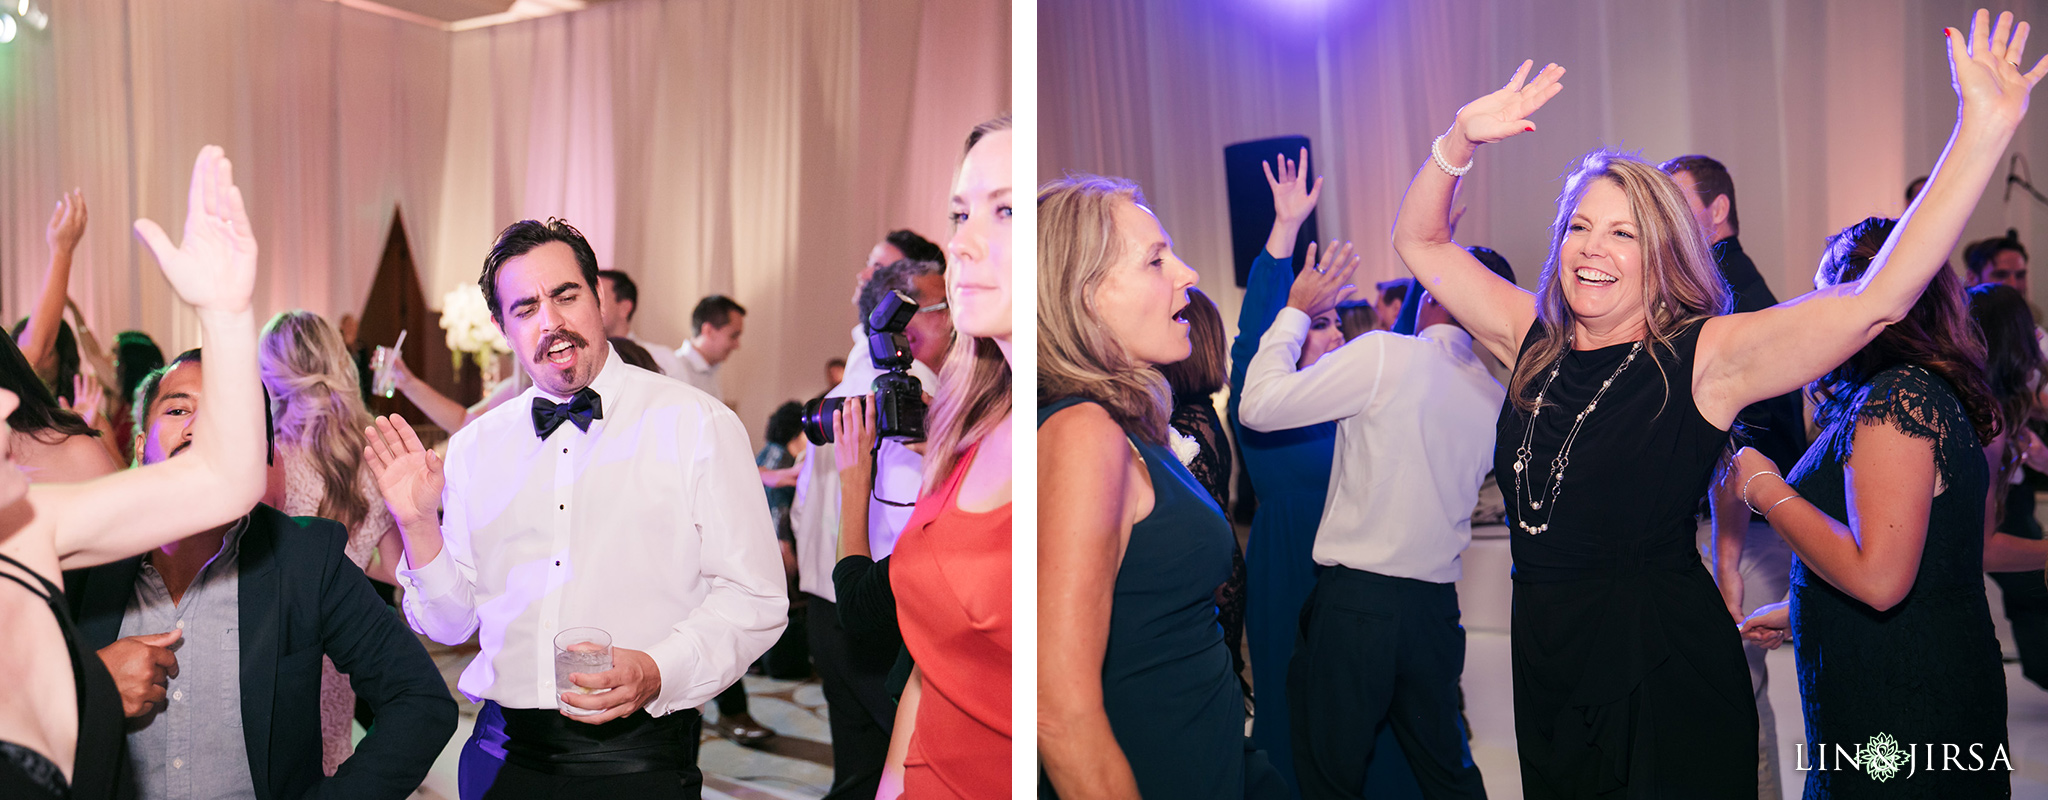 50 balboa bay wedding newport photography